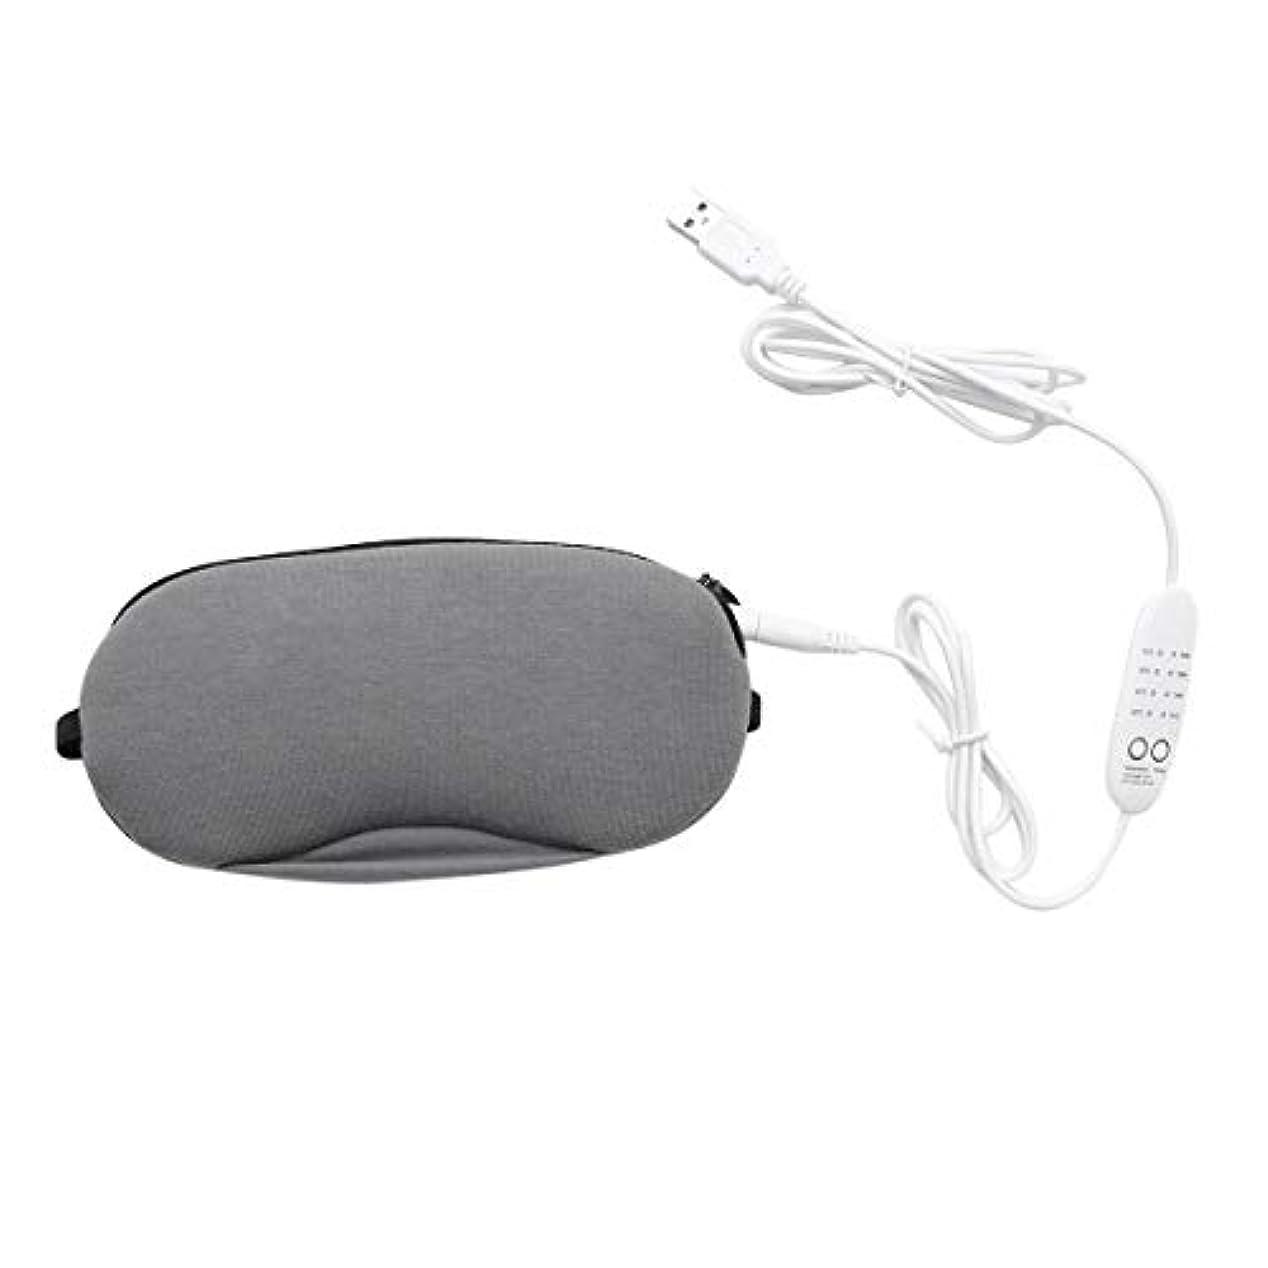 増幅寄り添う離れて不眠症を和らげるためのHealifty USBスチームアイマスク目隠しホットコンプレッションアイシールドドライアイ疲労(グレー)